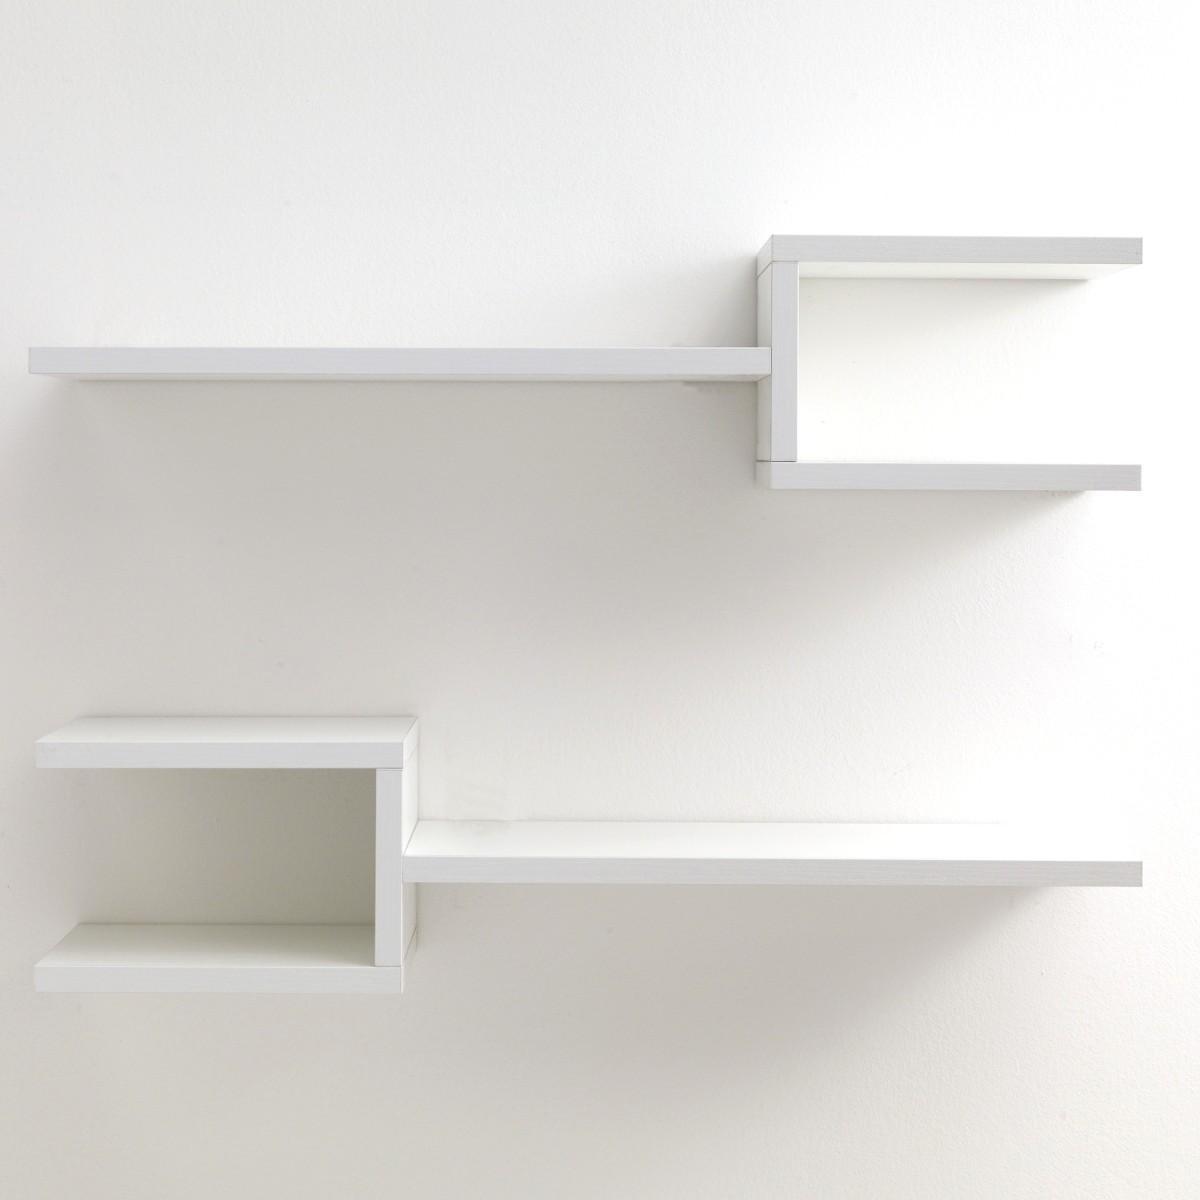 Coppia mensole da parete frequencyb in legno bianco 75 cm for Scritte in legno da parete